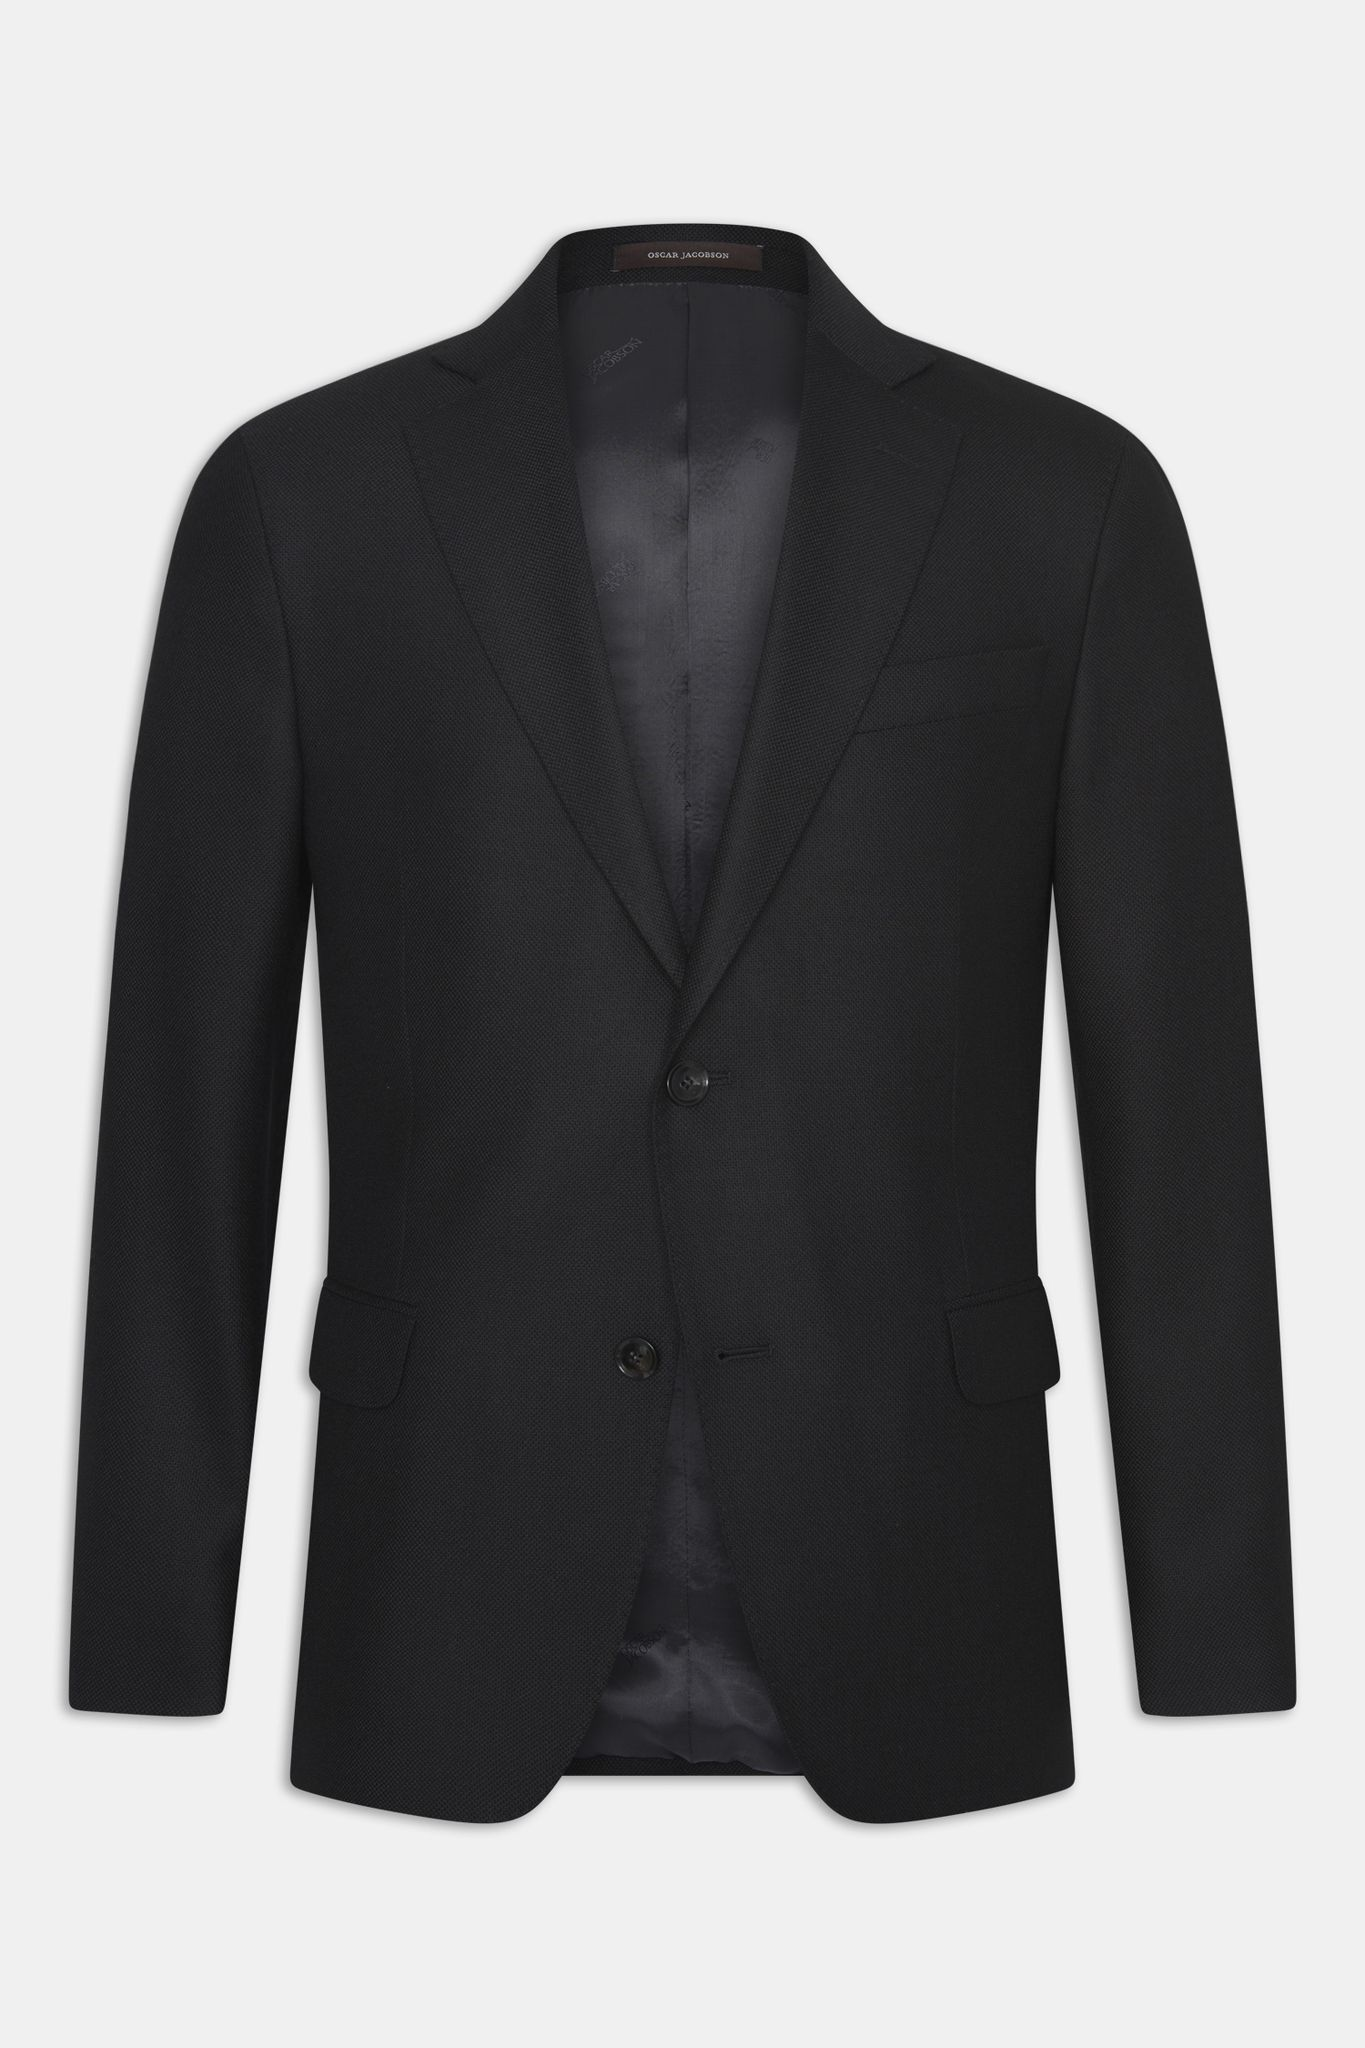 oscar-jacobson_fogerty-blazer_black_31545749_310_front